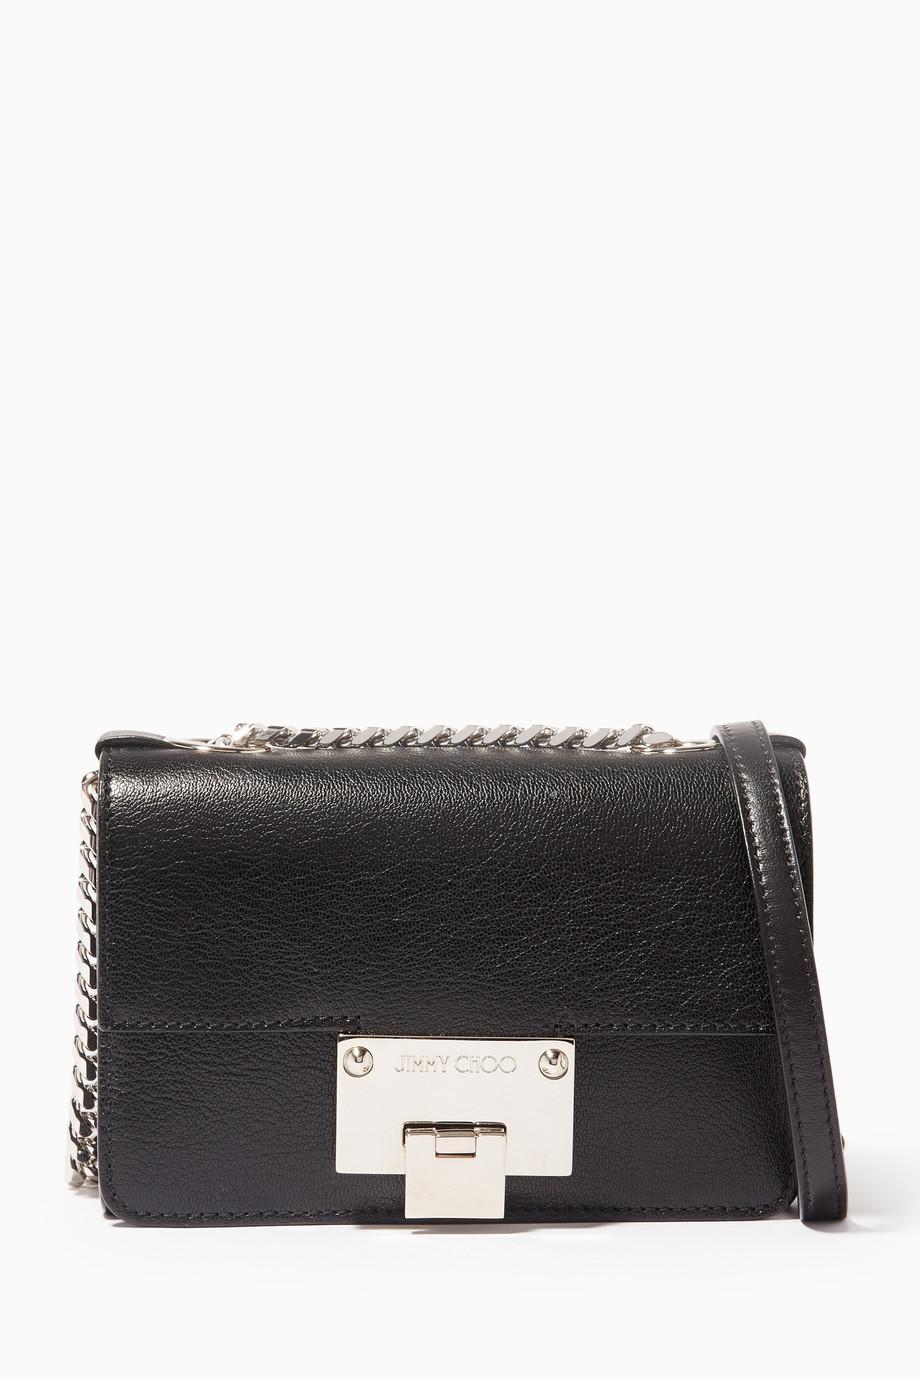 e063132107d7 Shop Jimmy Choo Black Black Rebel Soft Mini Shoulder Bag for Women